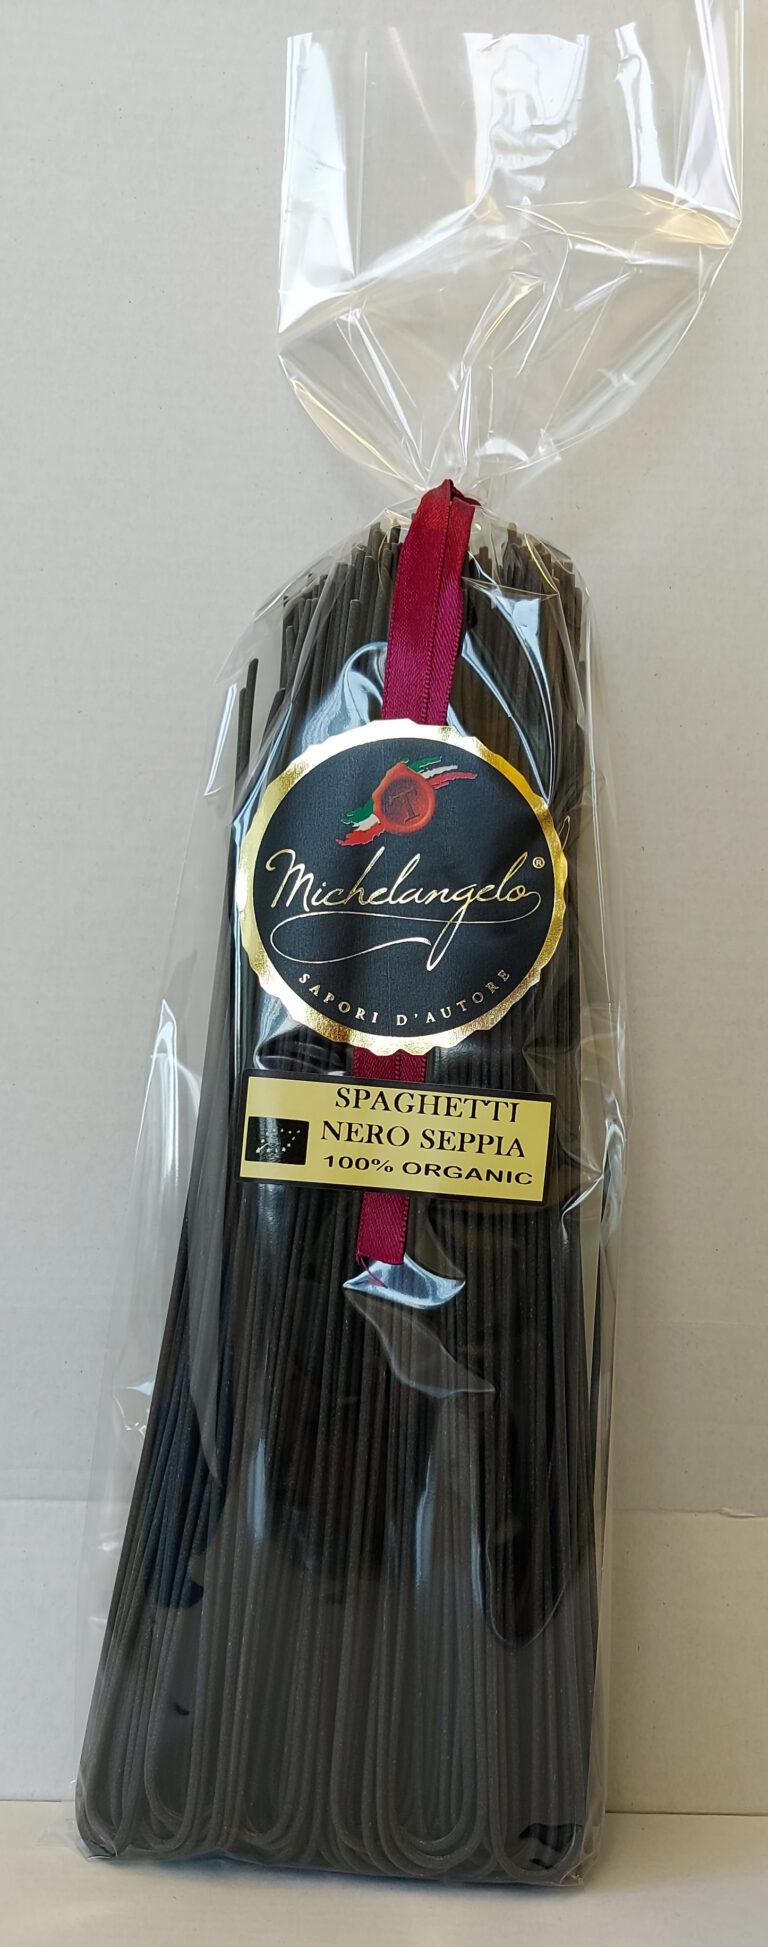 Spaghetti nero di seppia 100% organic - oz 17,63